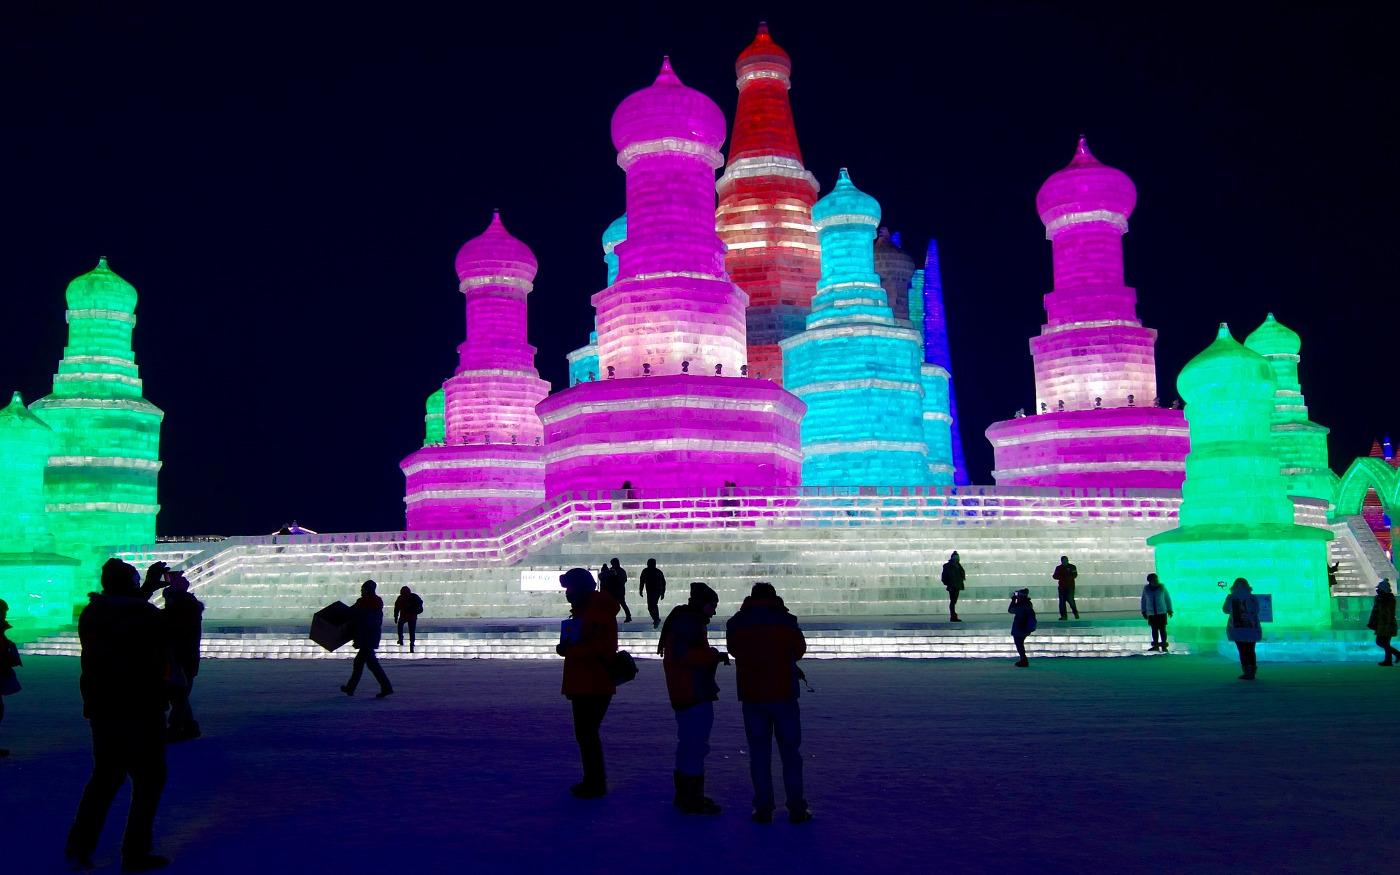 Eisfestival mit Eisskulpturen in Harbin